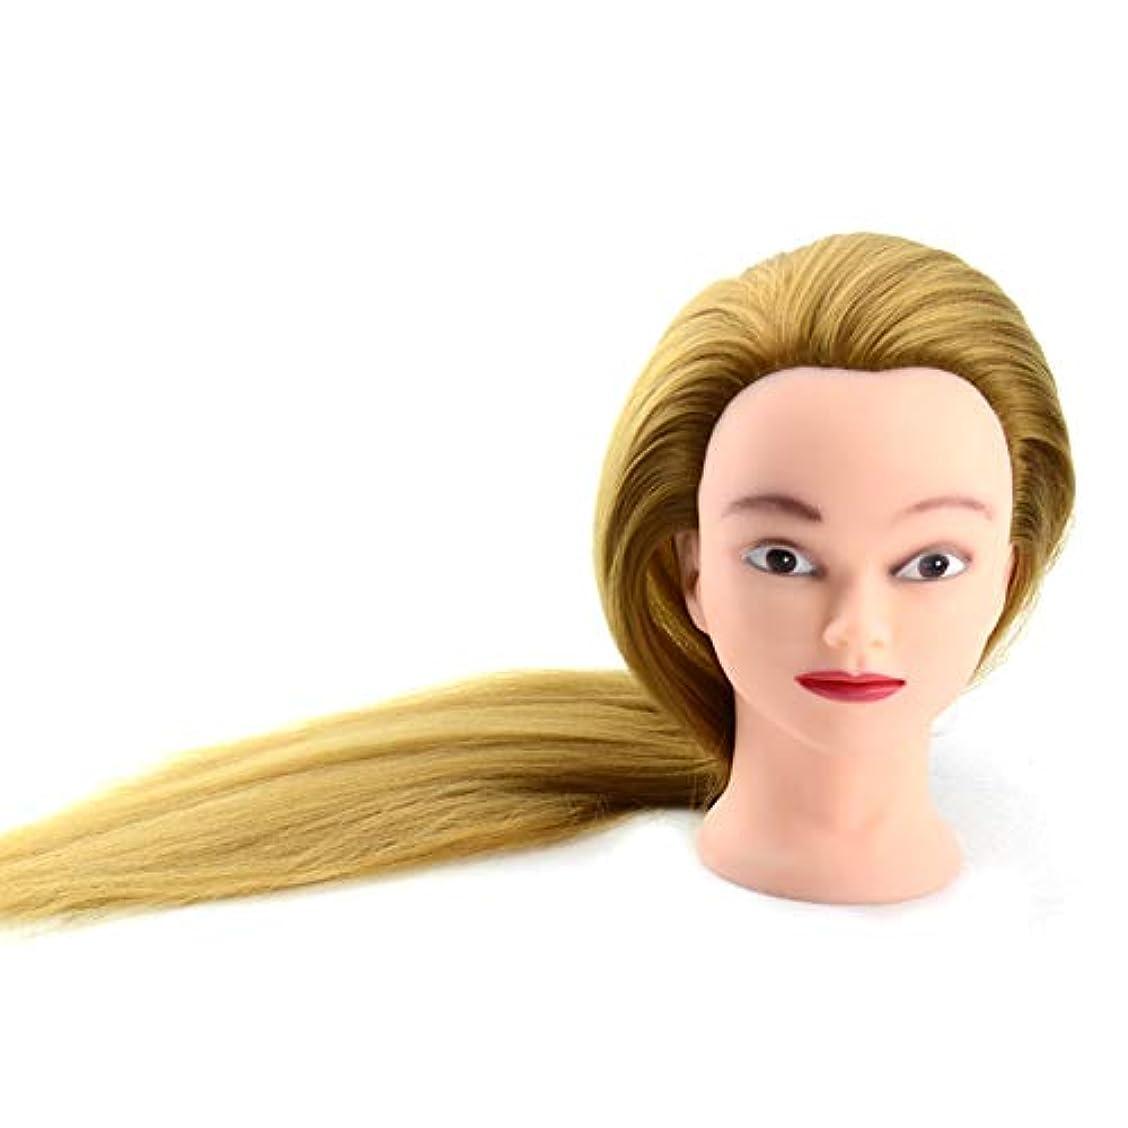 お父さんストレスの多いジャーナリスト化学繊維ウィッグヘッドモデル花嫁メイクスタイリング練習ダミーヘッドサロントリミング学習マネキンヘッド